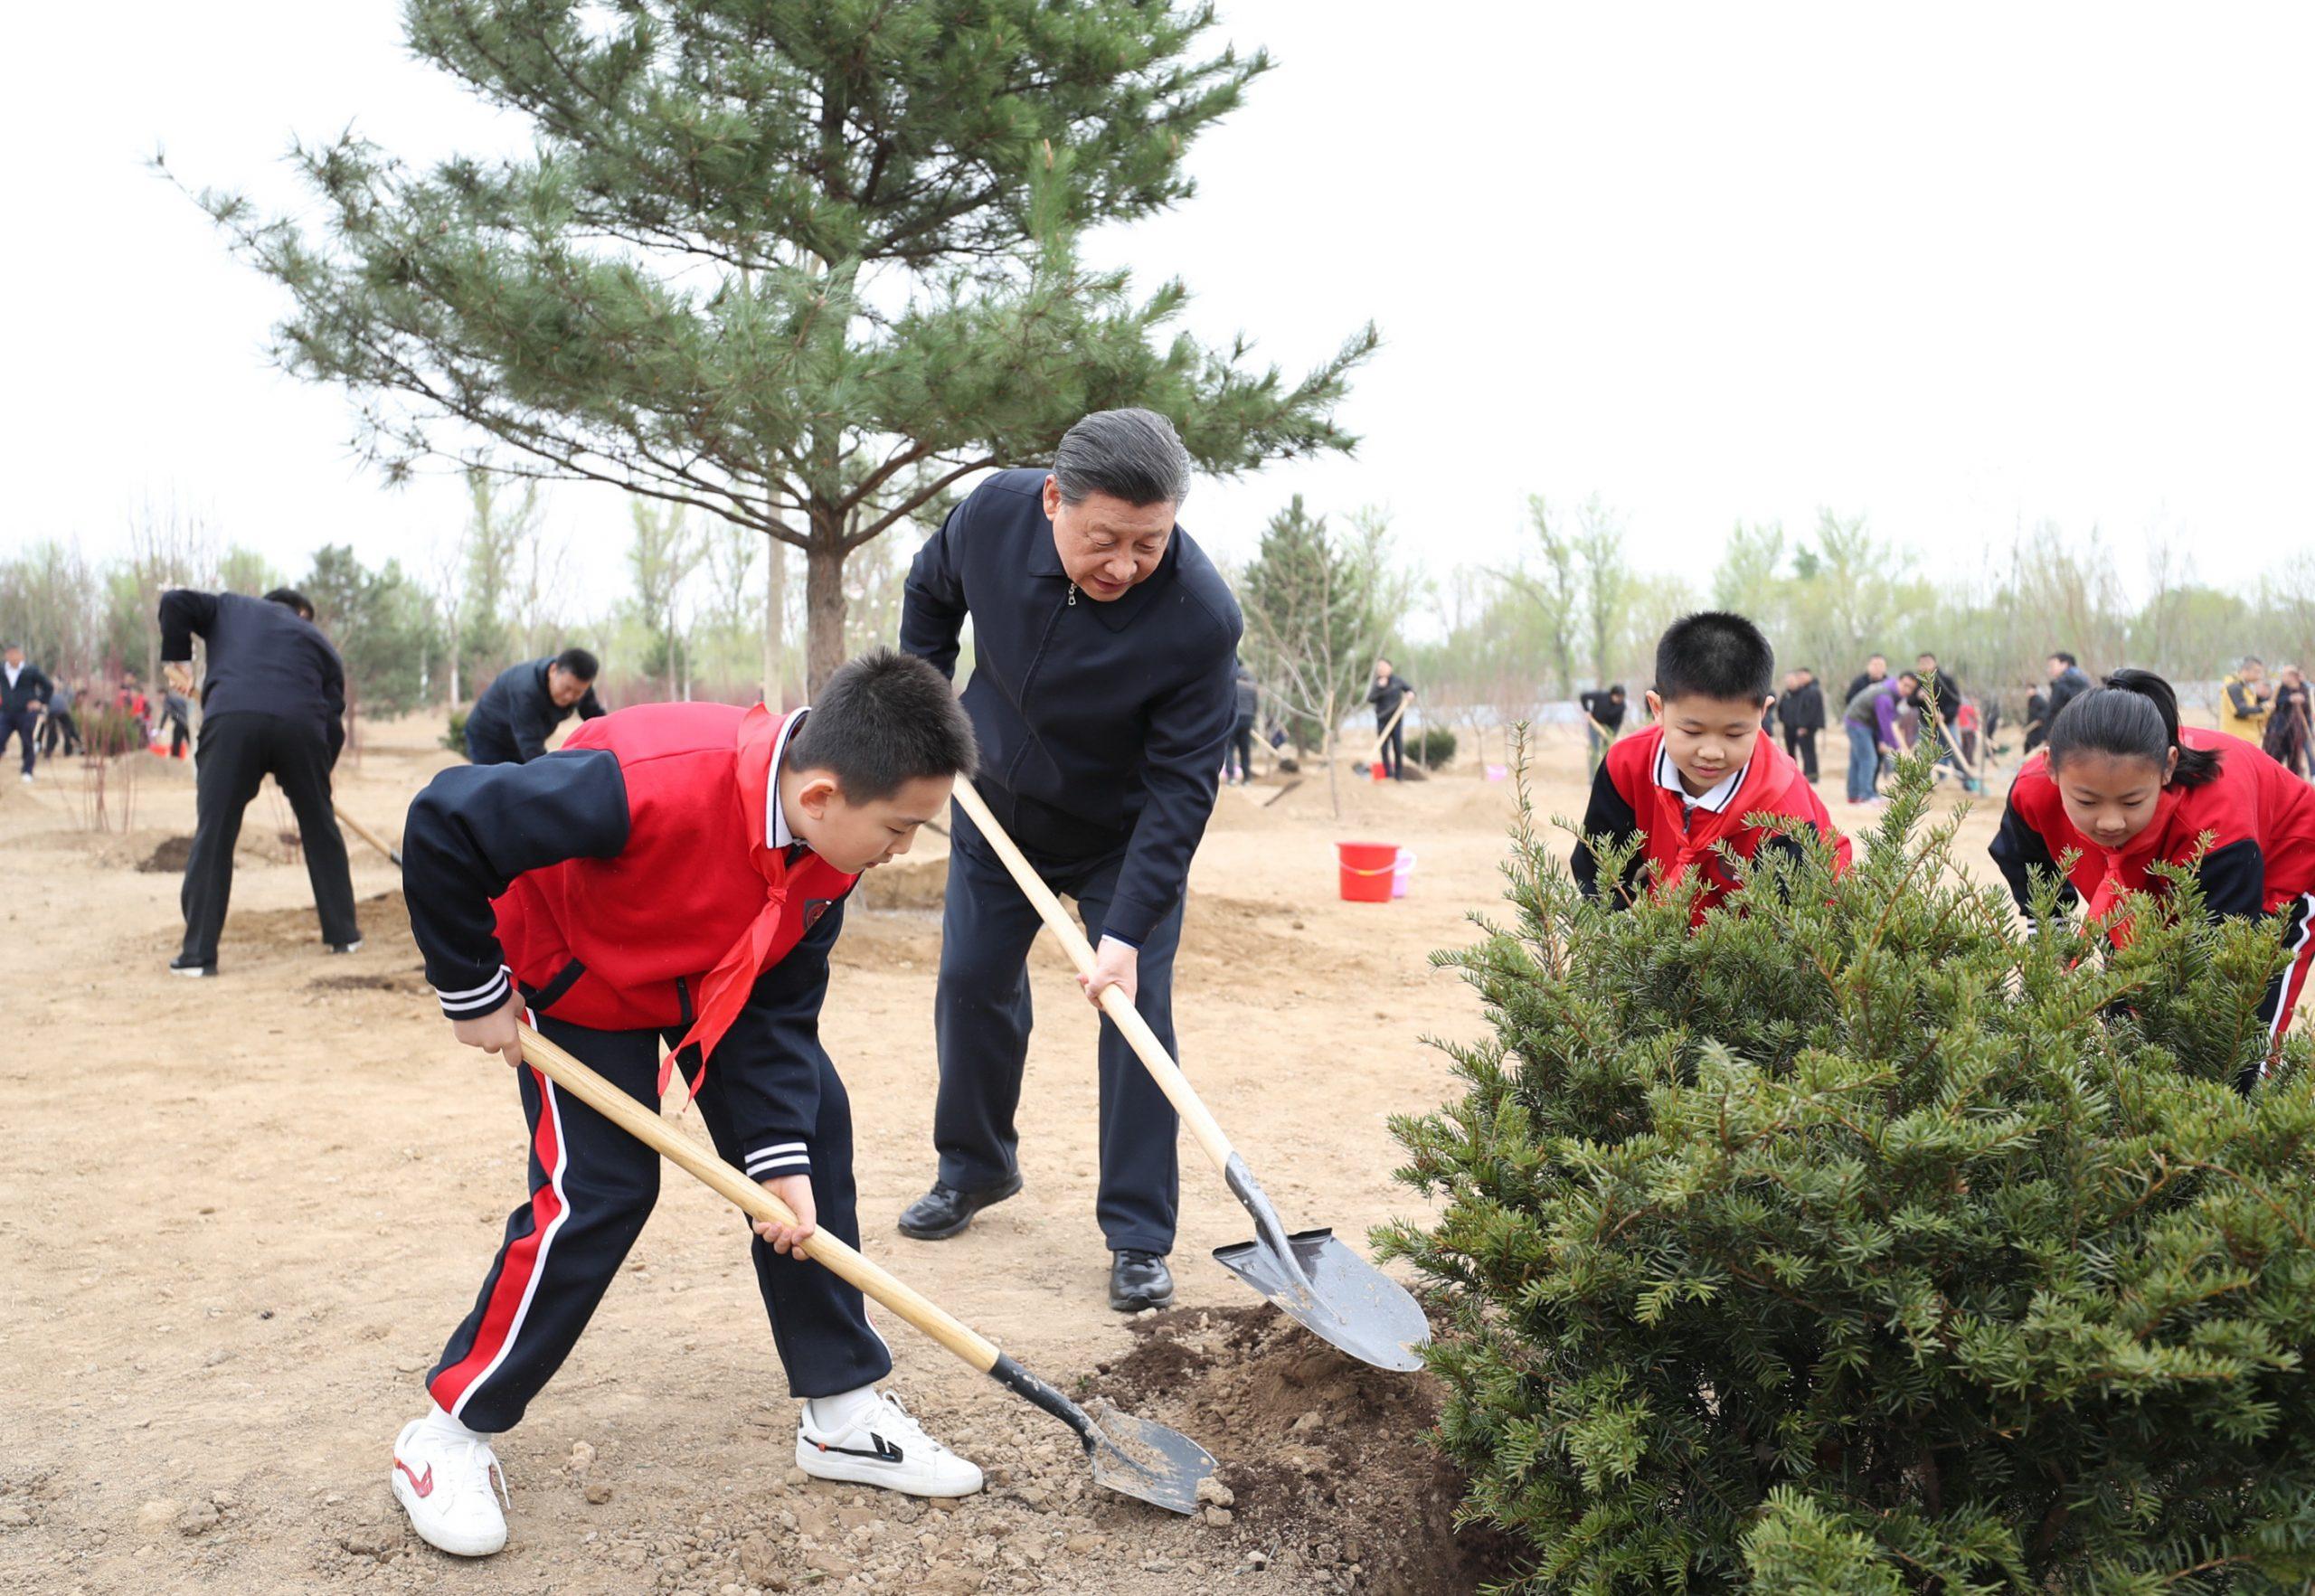 Viceprimer ministro chino subraya importancia de forestación nacional